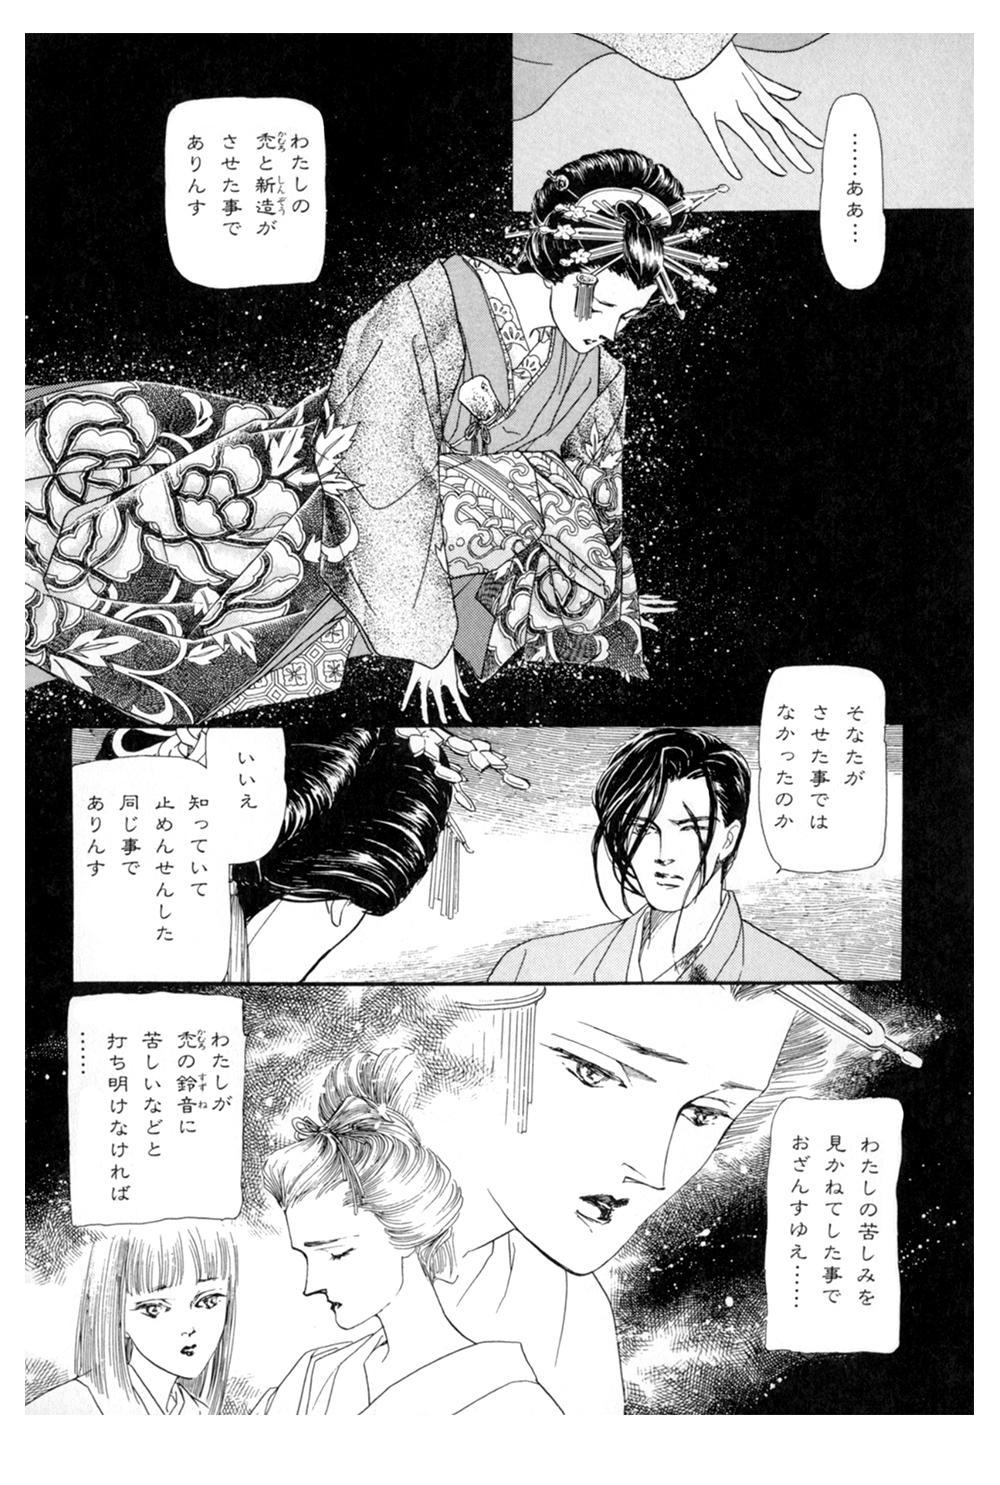 雨柳堂夢咄 第5話「花に暮れる」2uryudo-02-131.jpg